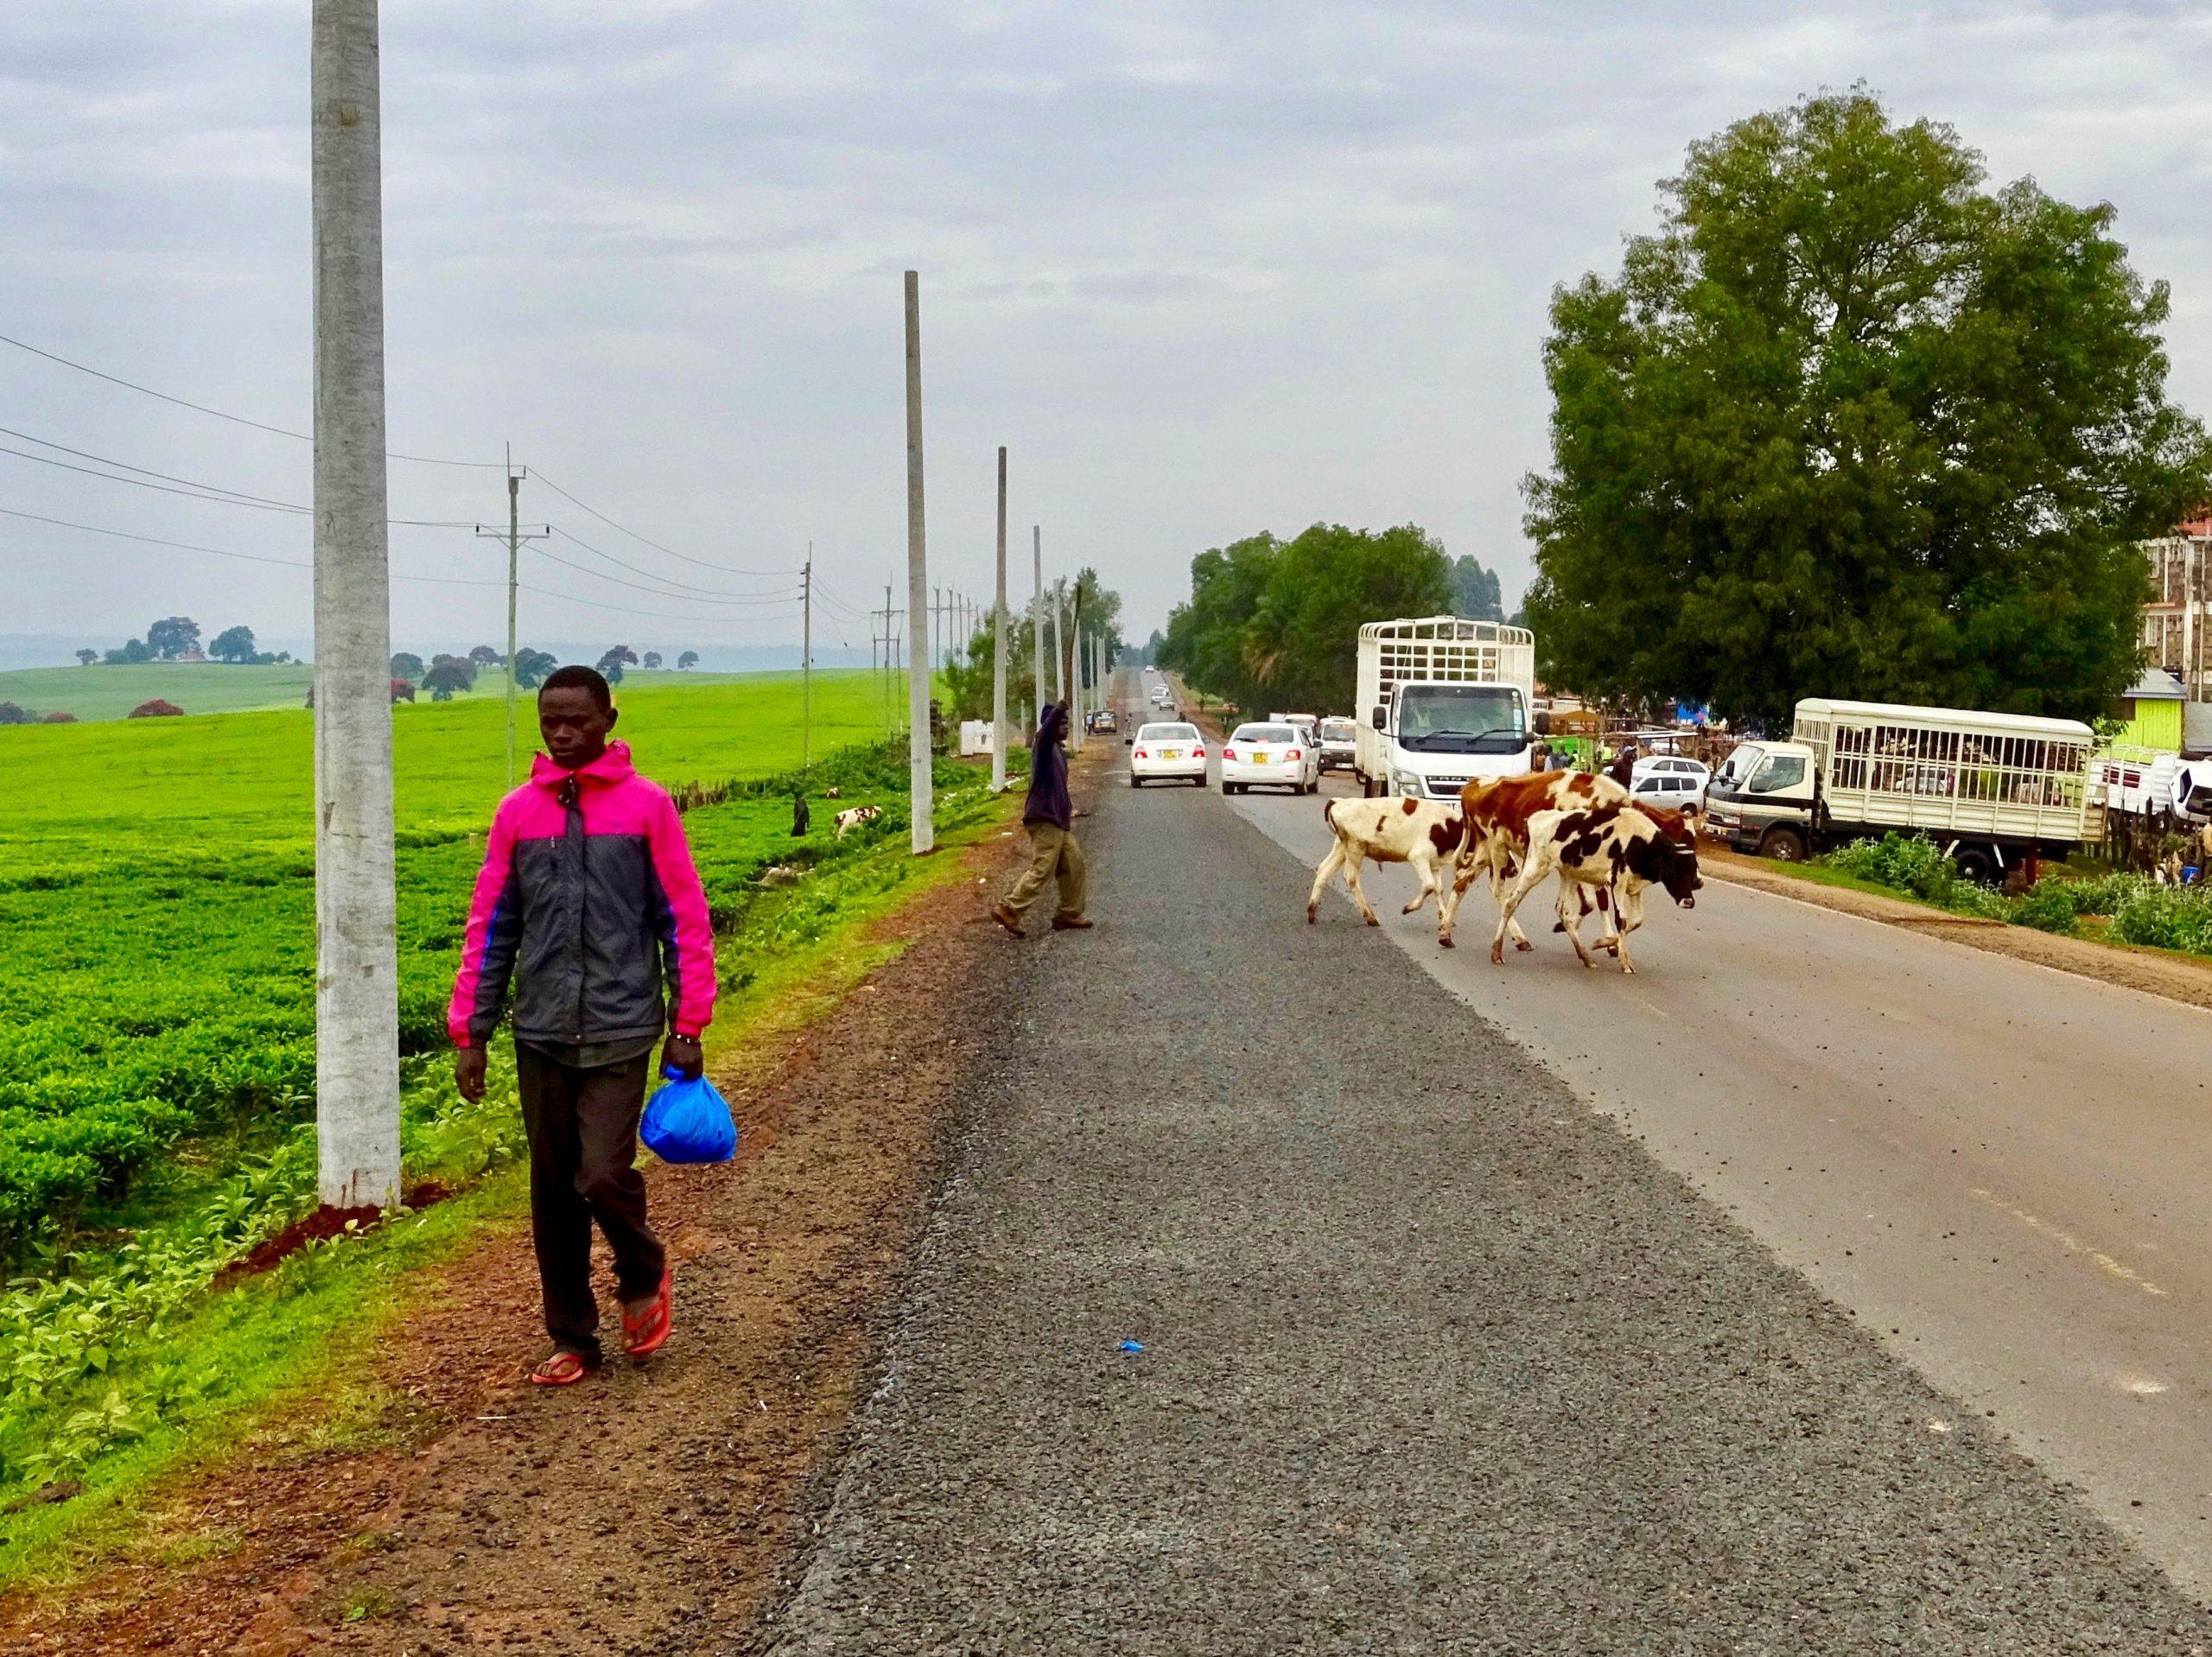 Koeien op de weg in Kericho County